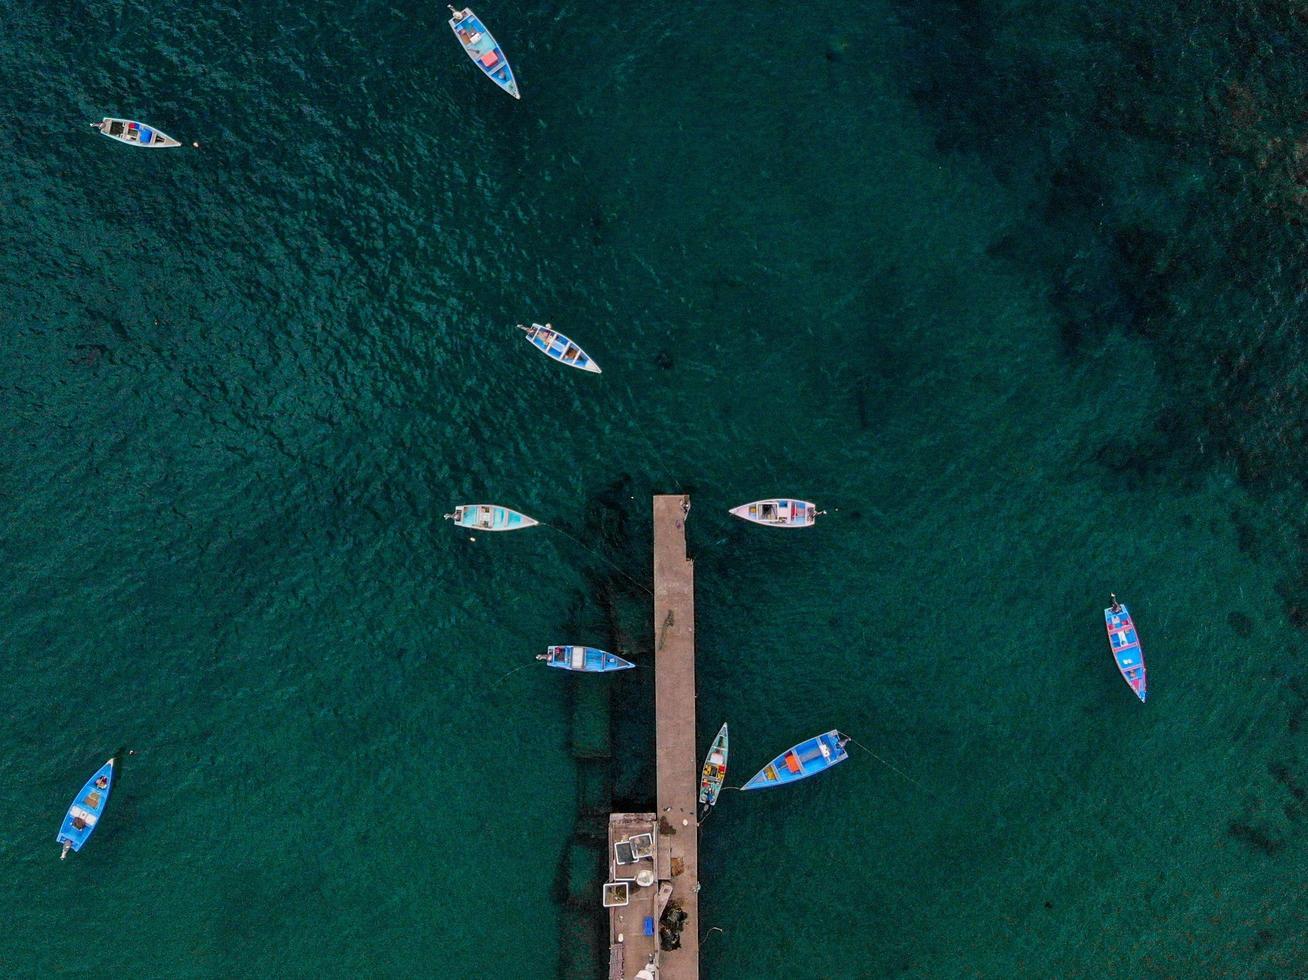 Vista aérea de barcos cerca de un muelle. foto